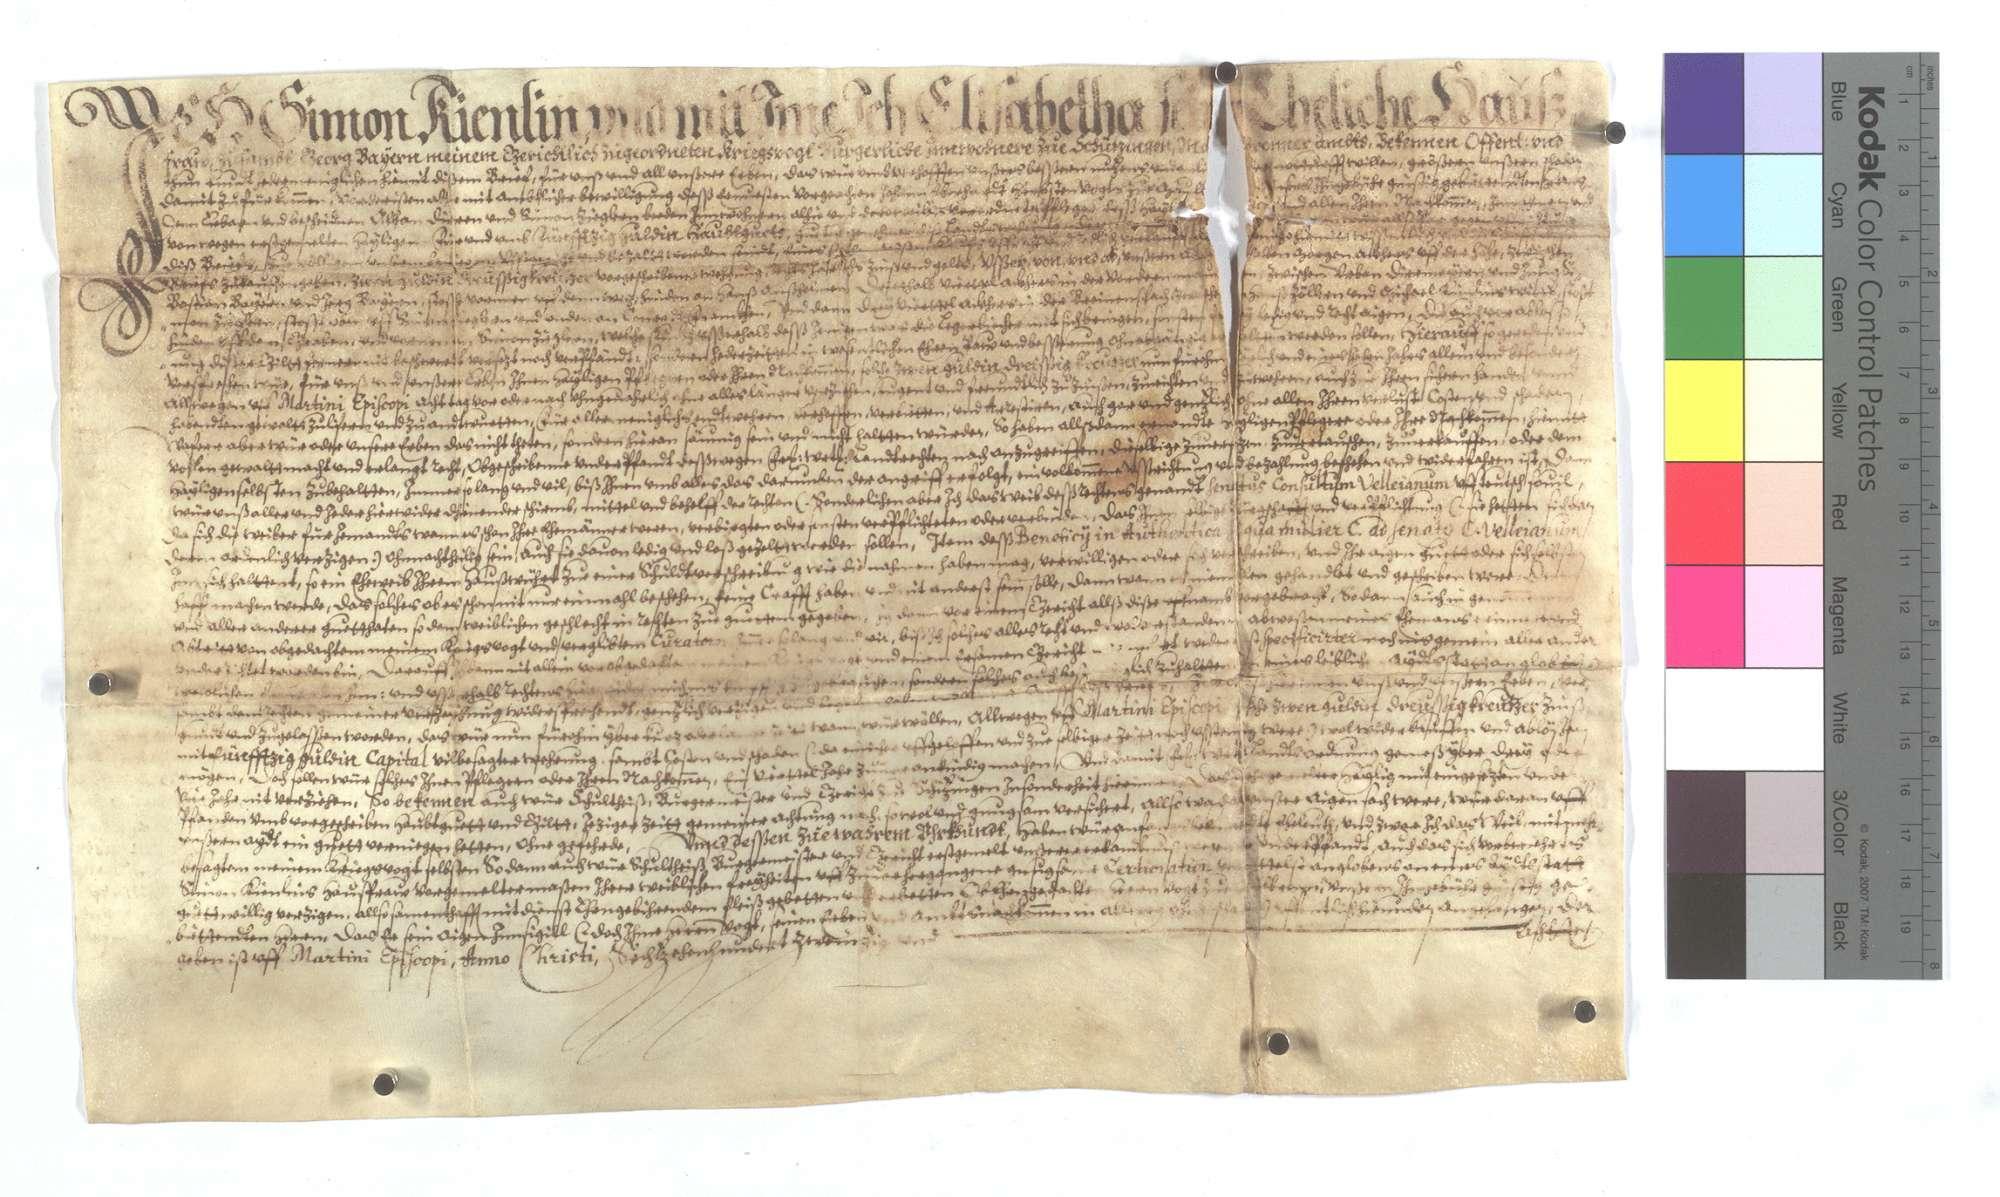 Verschreibung des Hans Kienlin und seiner Frau Elisabeth um 2 Gulden 30 Kreuzer auf Martini., Text